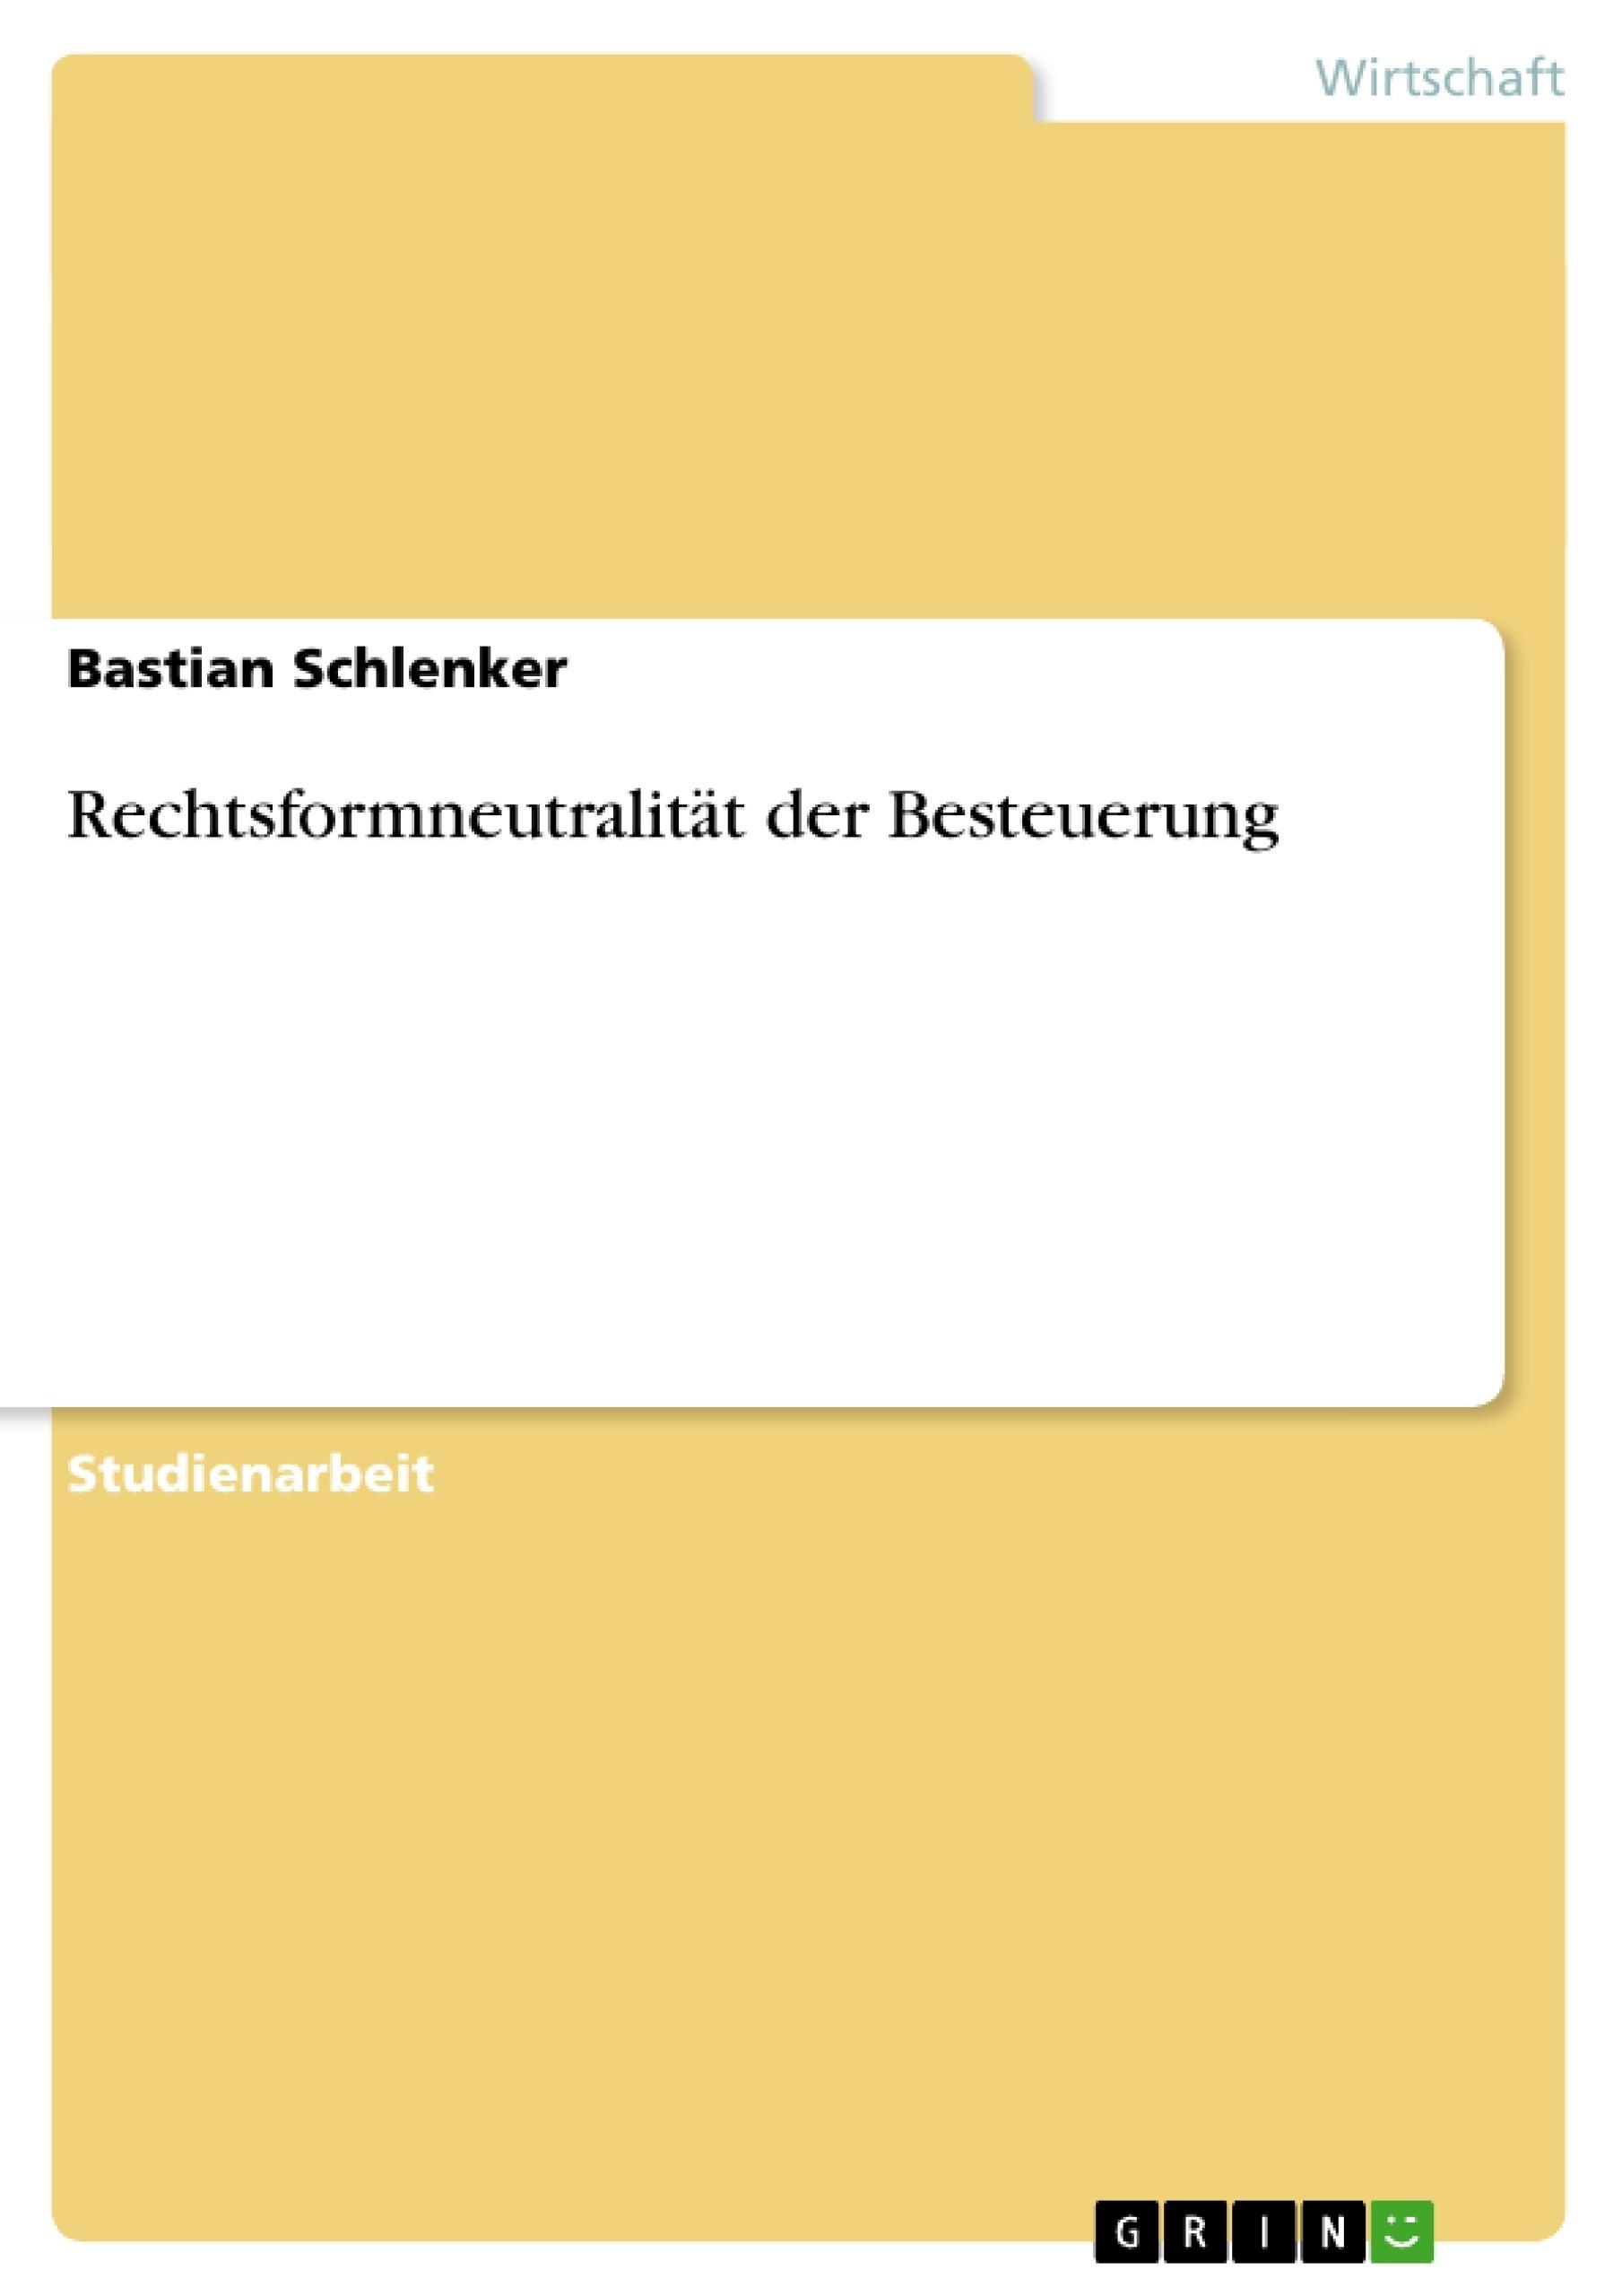 Titel: Rechtsformneutralität der Besteuerung